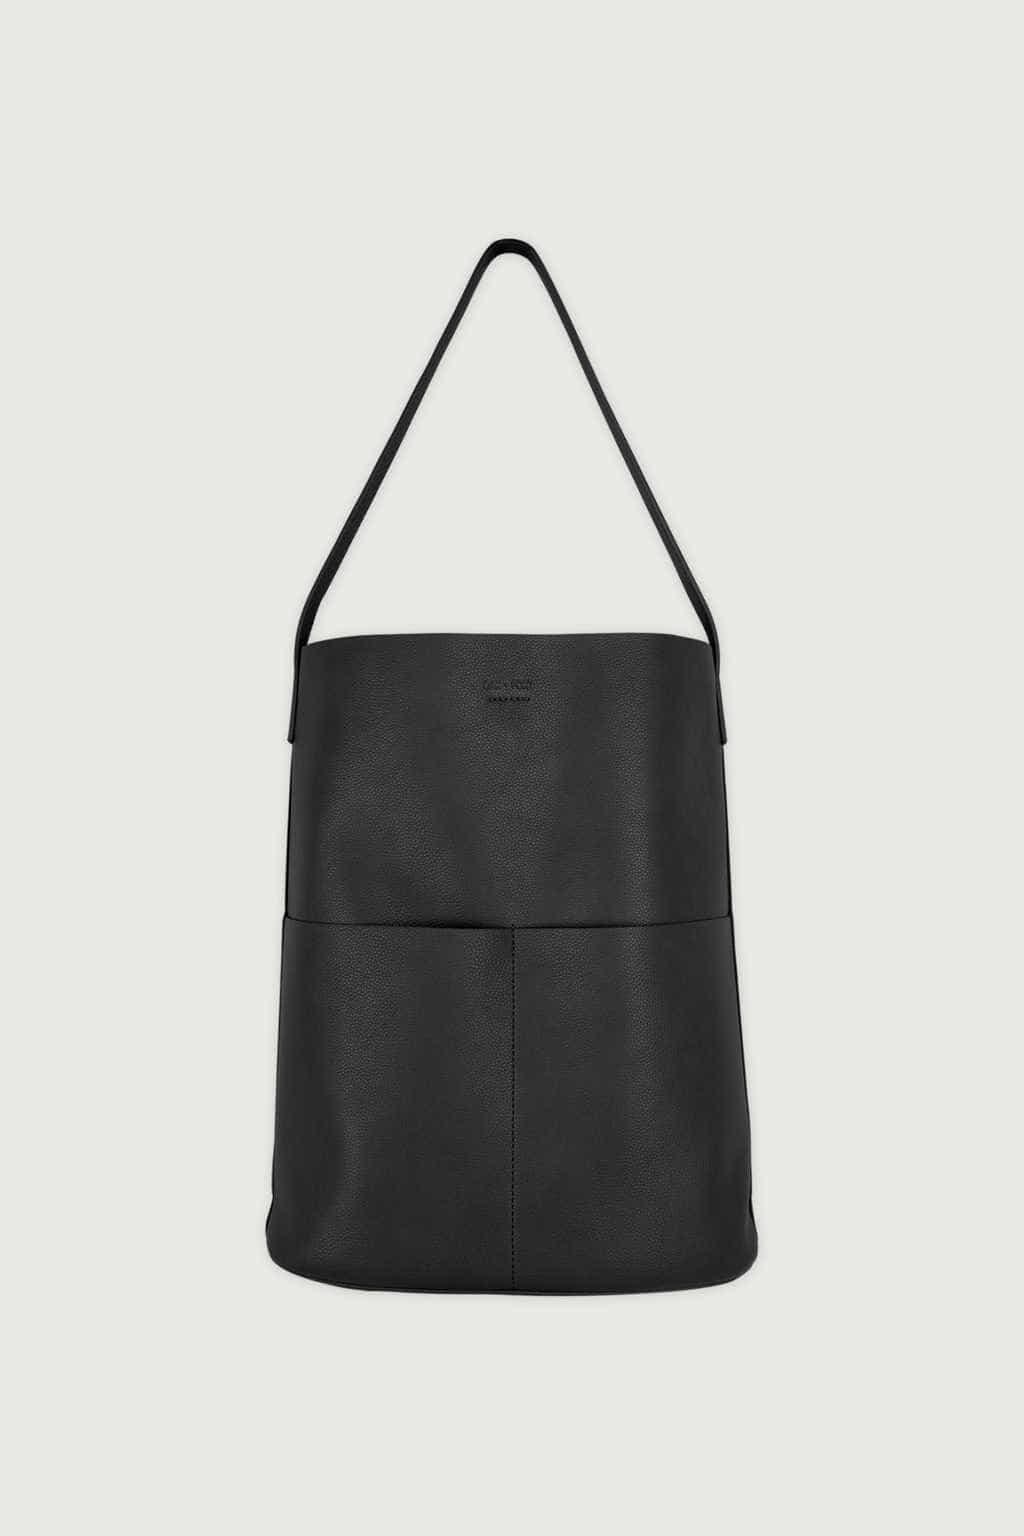 Bag 191320194 Black 6